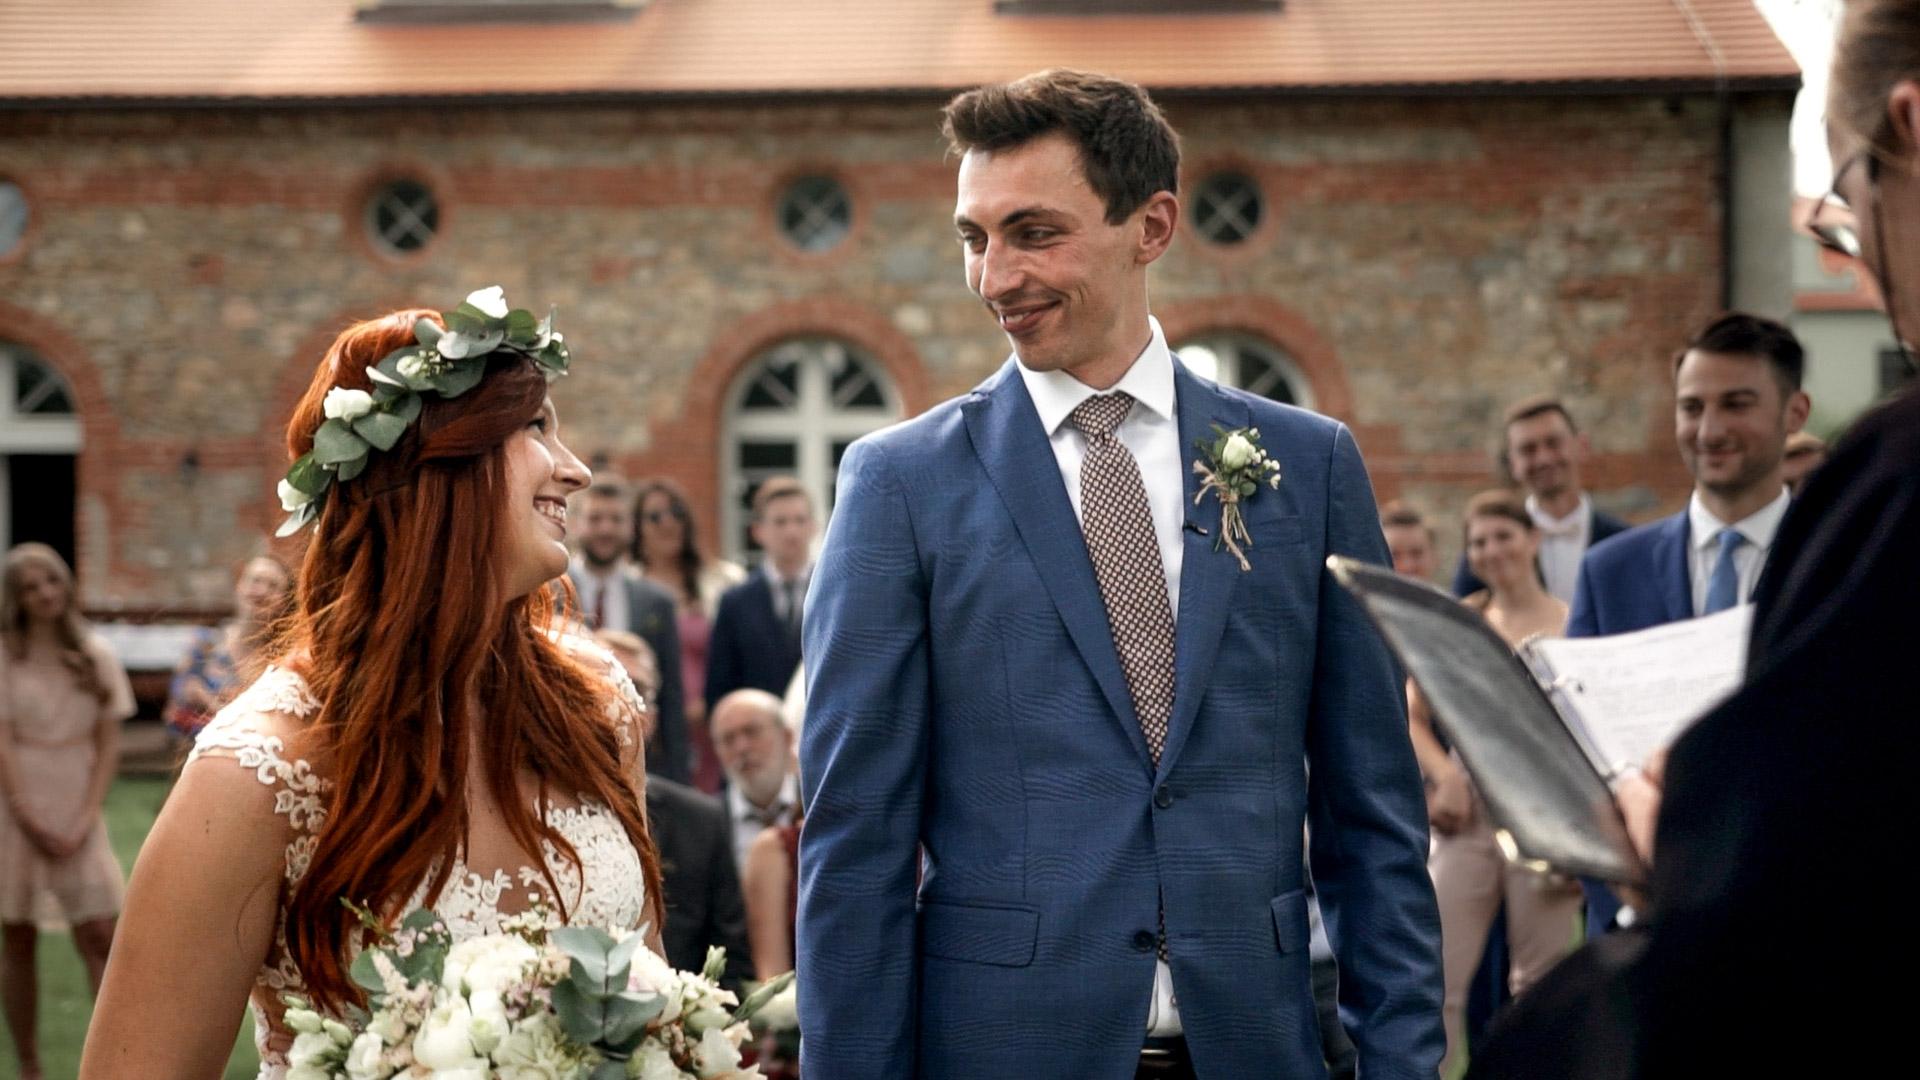 Veselá svatba v penzionu Smolotel u Příbrami